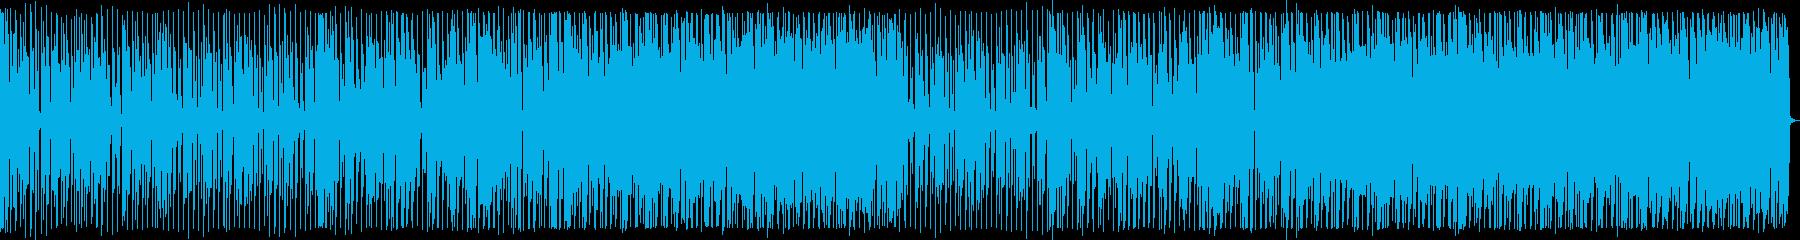 爽やかポップ_No636_1の再生済みの波形